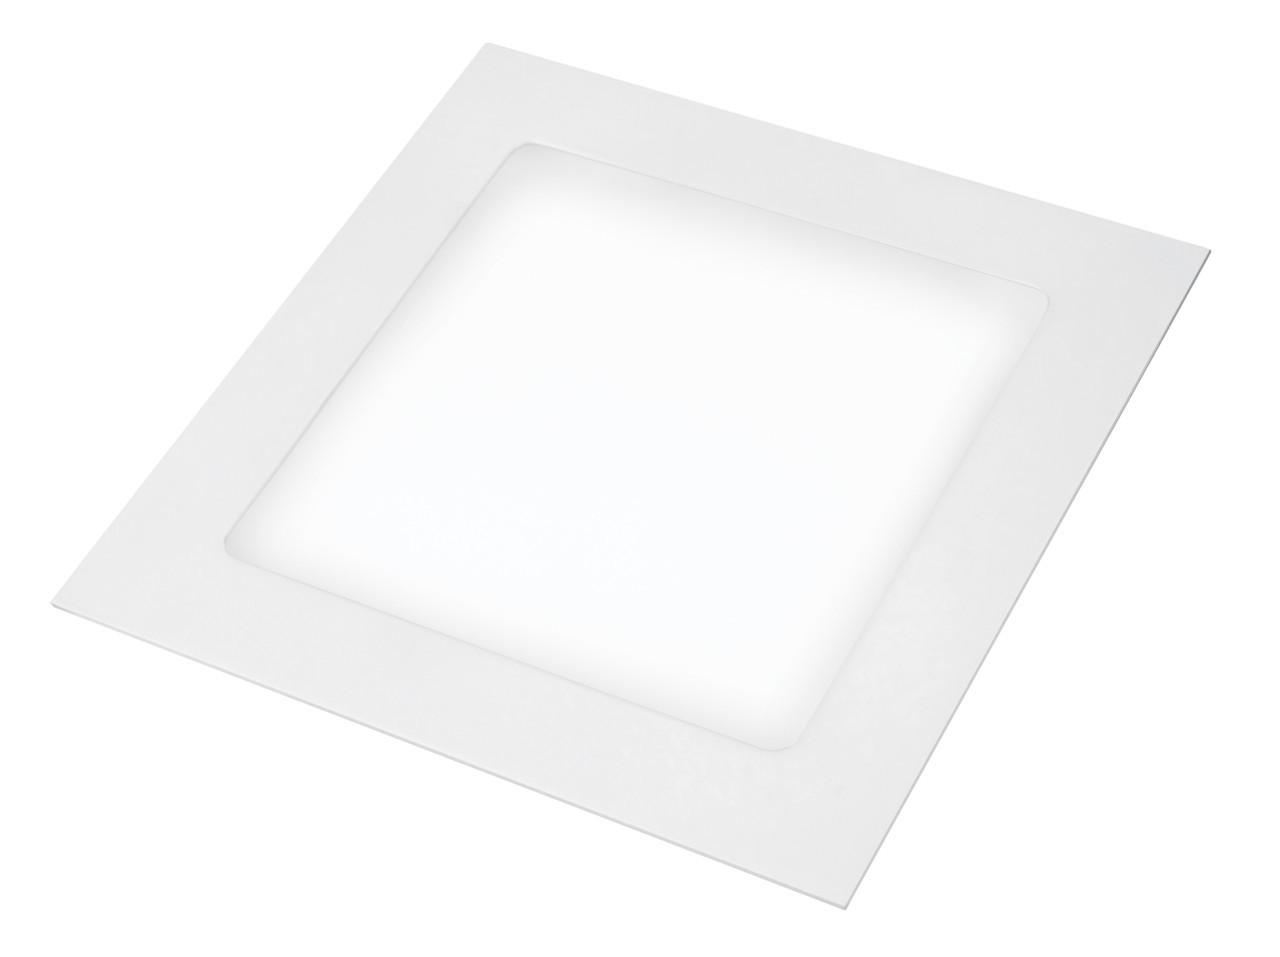 LED Светильник EUROLAMP квадратный Downlight 24W 4000K